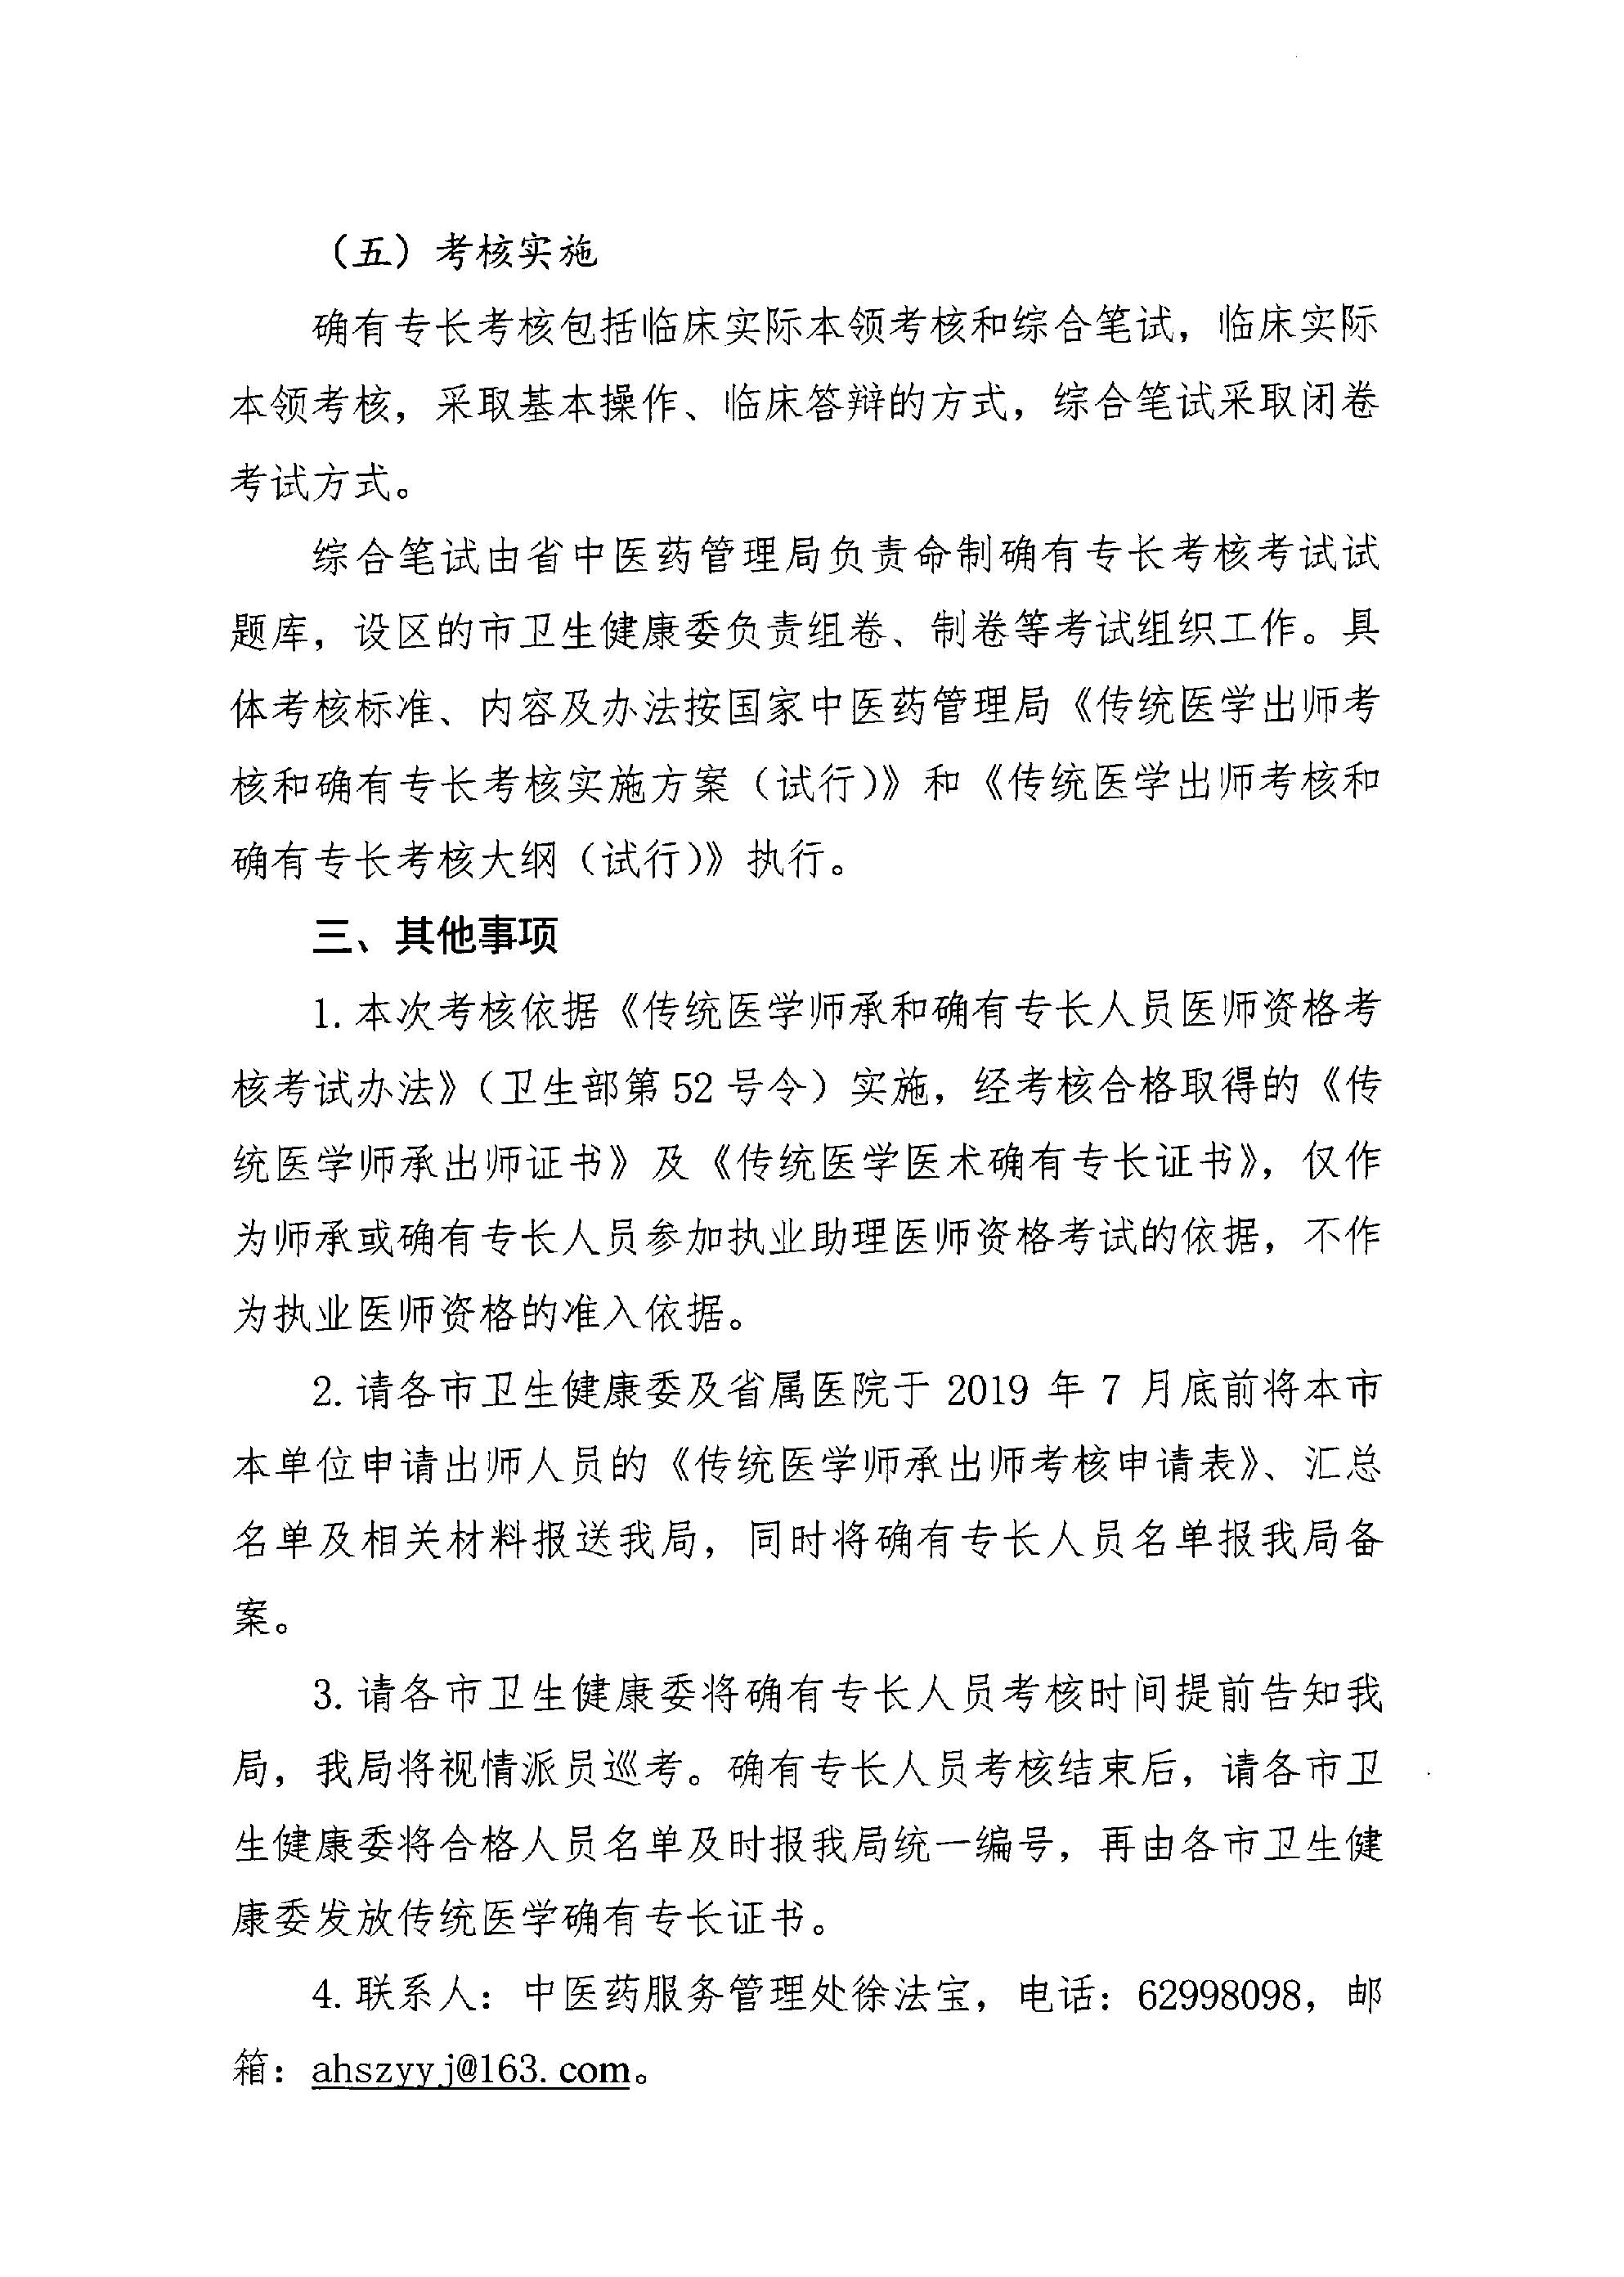 2019年安徽省传统医学出师考核和确有专长人员考核工作的通知4